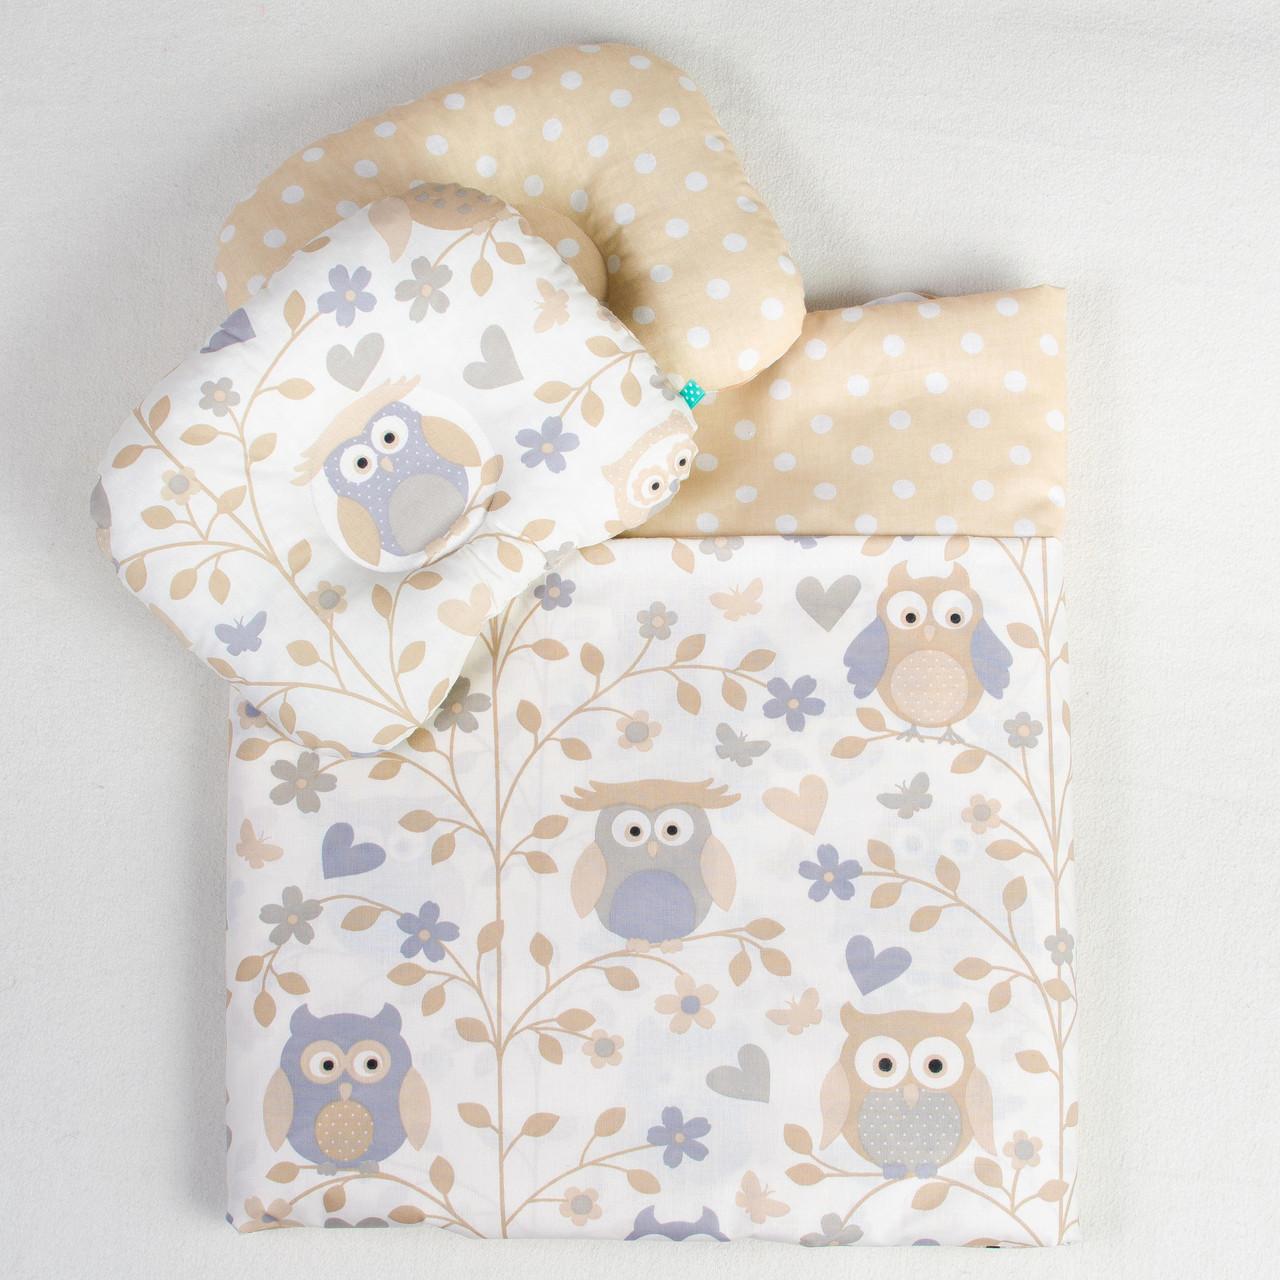 """Постельное белье в детскую колыбель, три предмета (одеяло, подушка, простынь) """"Совуньи"""""""